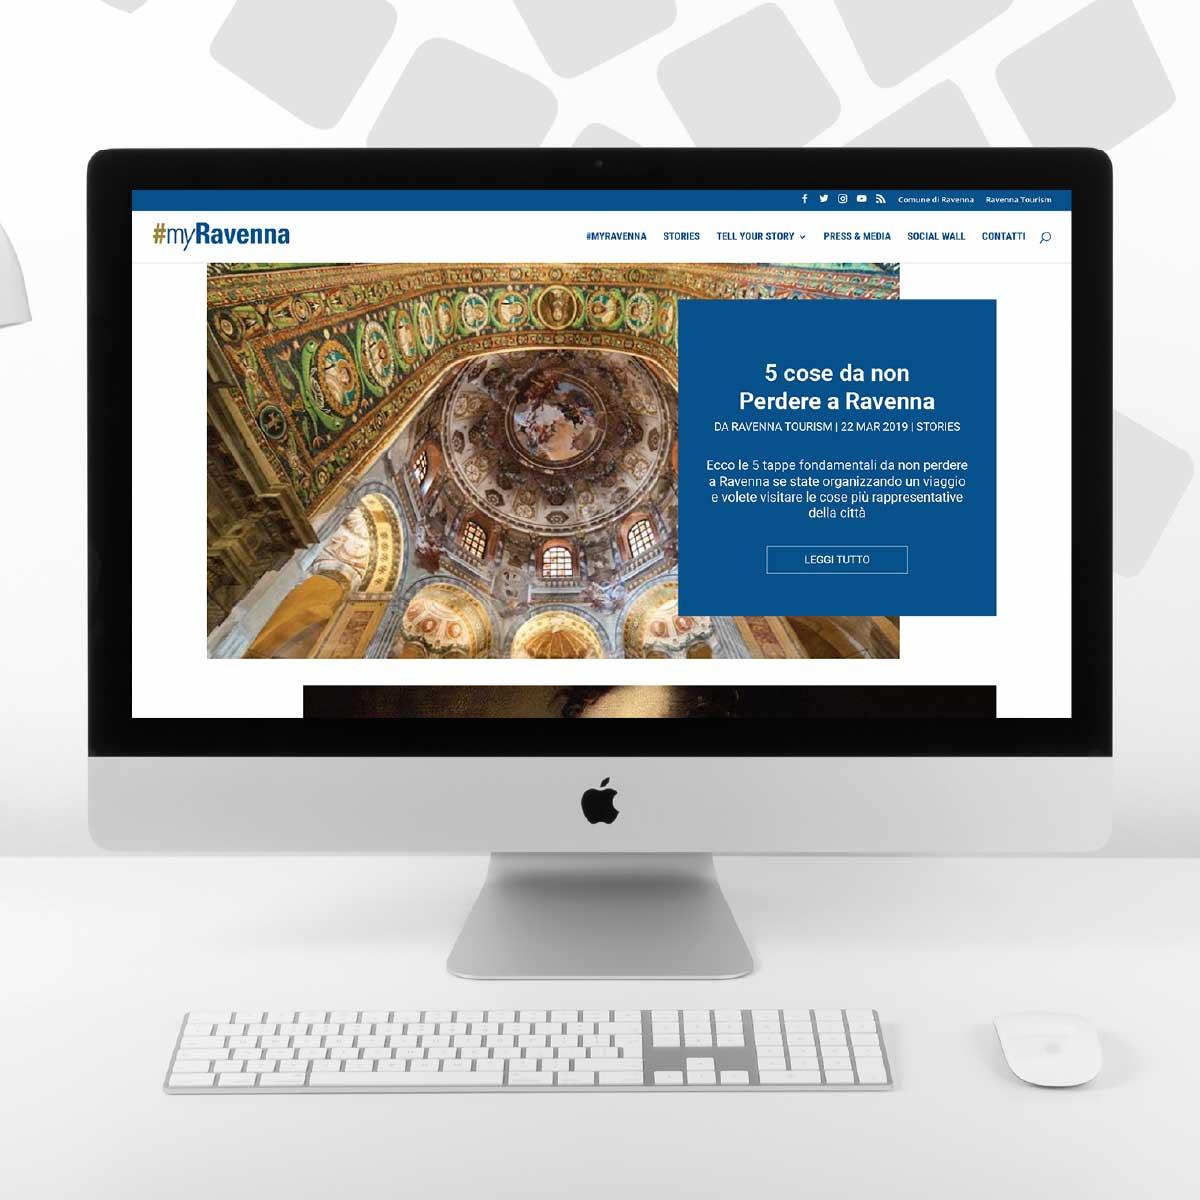 comune-di-ravenna-marketing-turismo-web-development-1